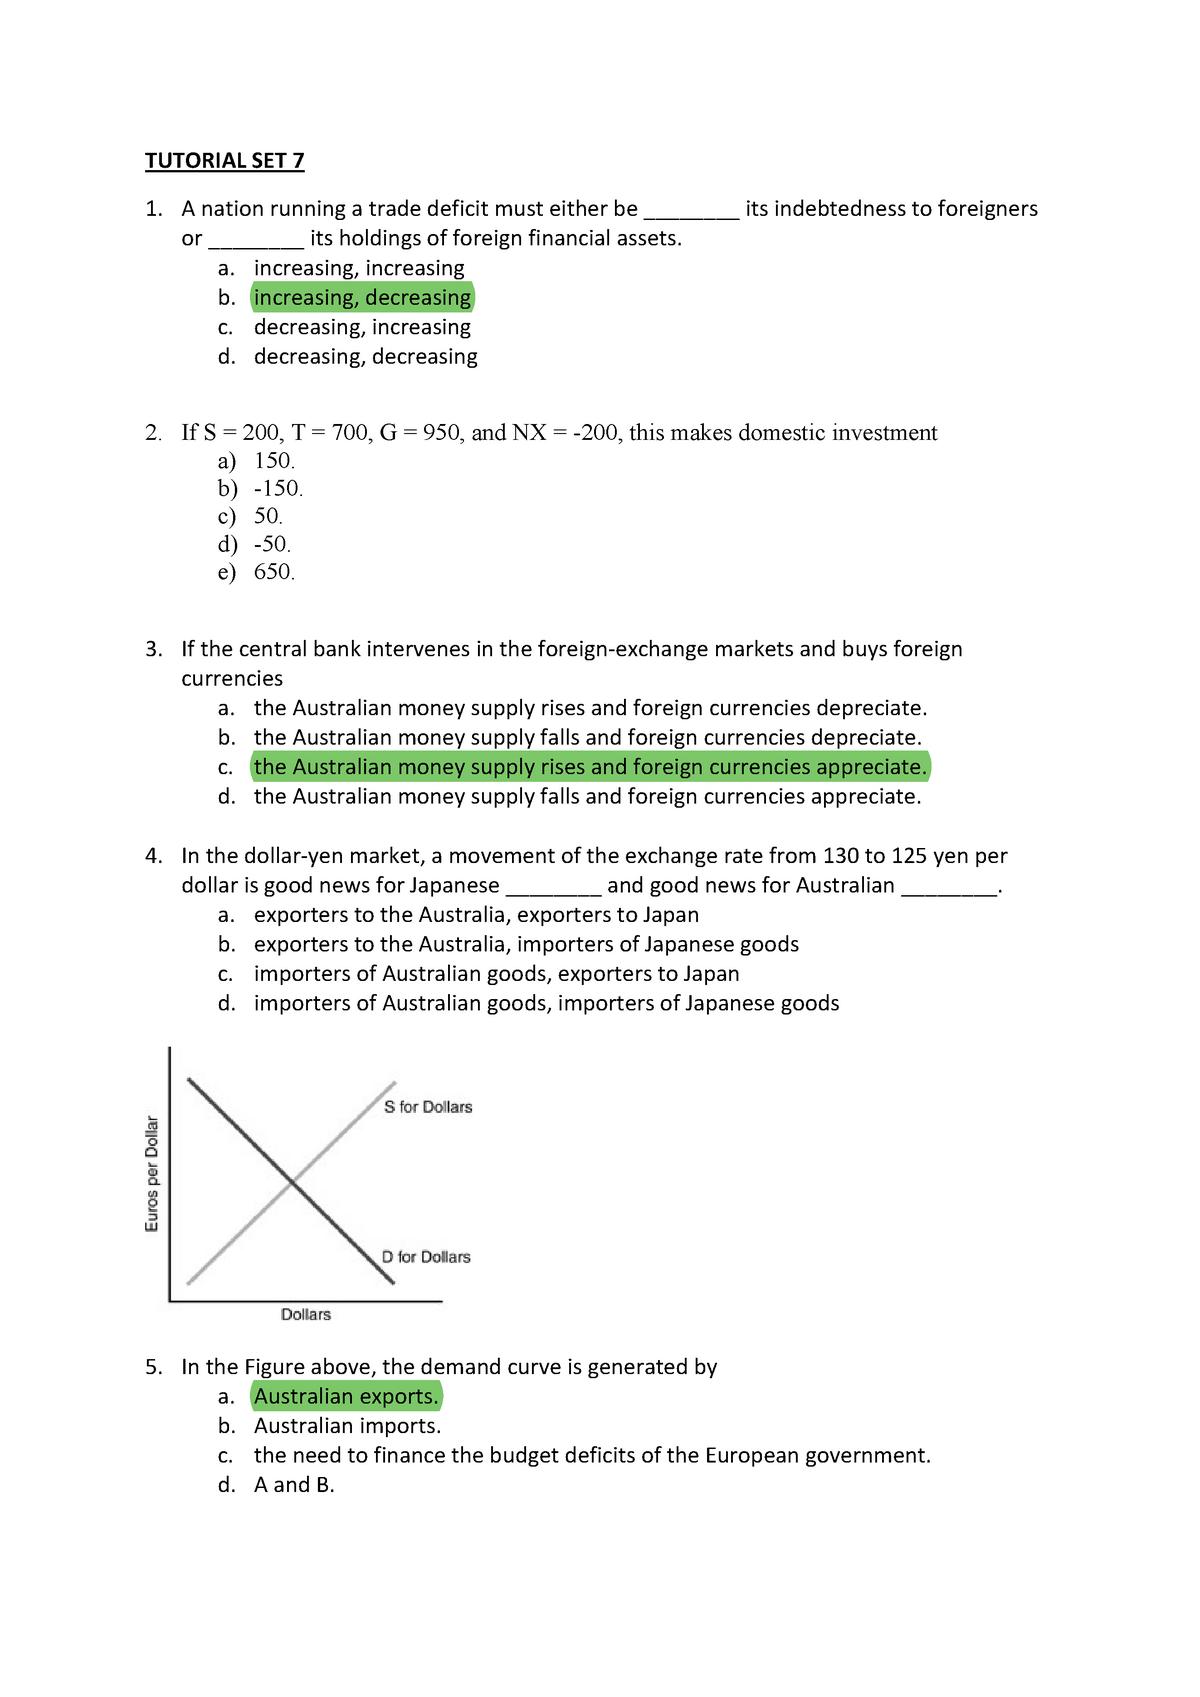 Tutorial Set 7-Questions - MCD2090: Macrcoeconomics - StuDocu